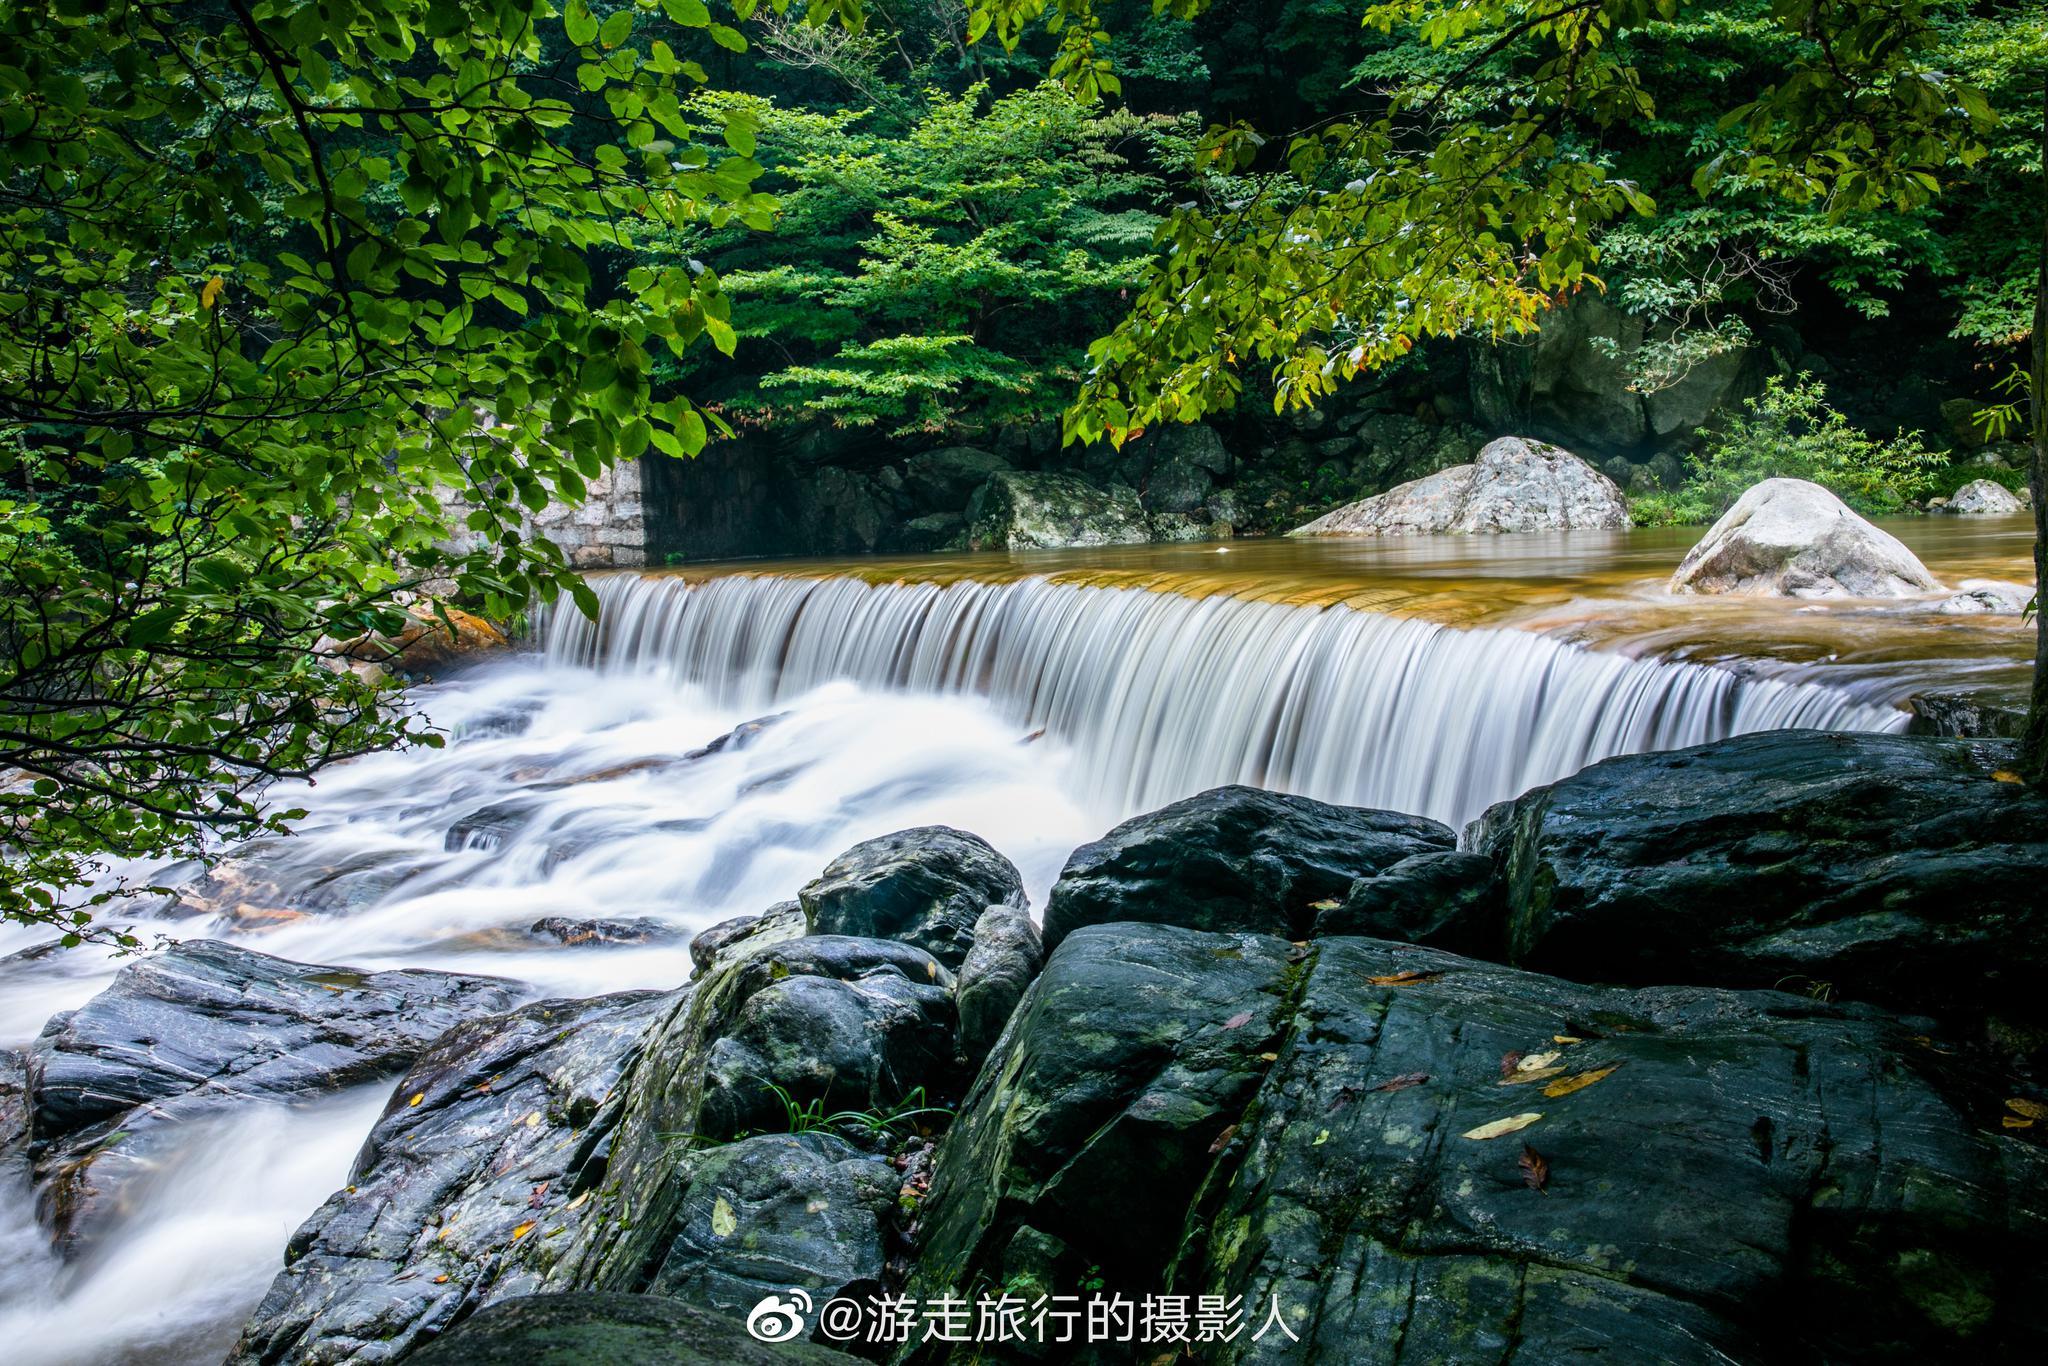 安徽六安天堂寨内的白马大峡谷景区,全长约6公里,峡谷因碧水龙潭